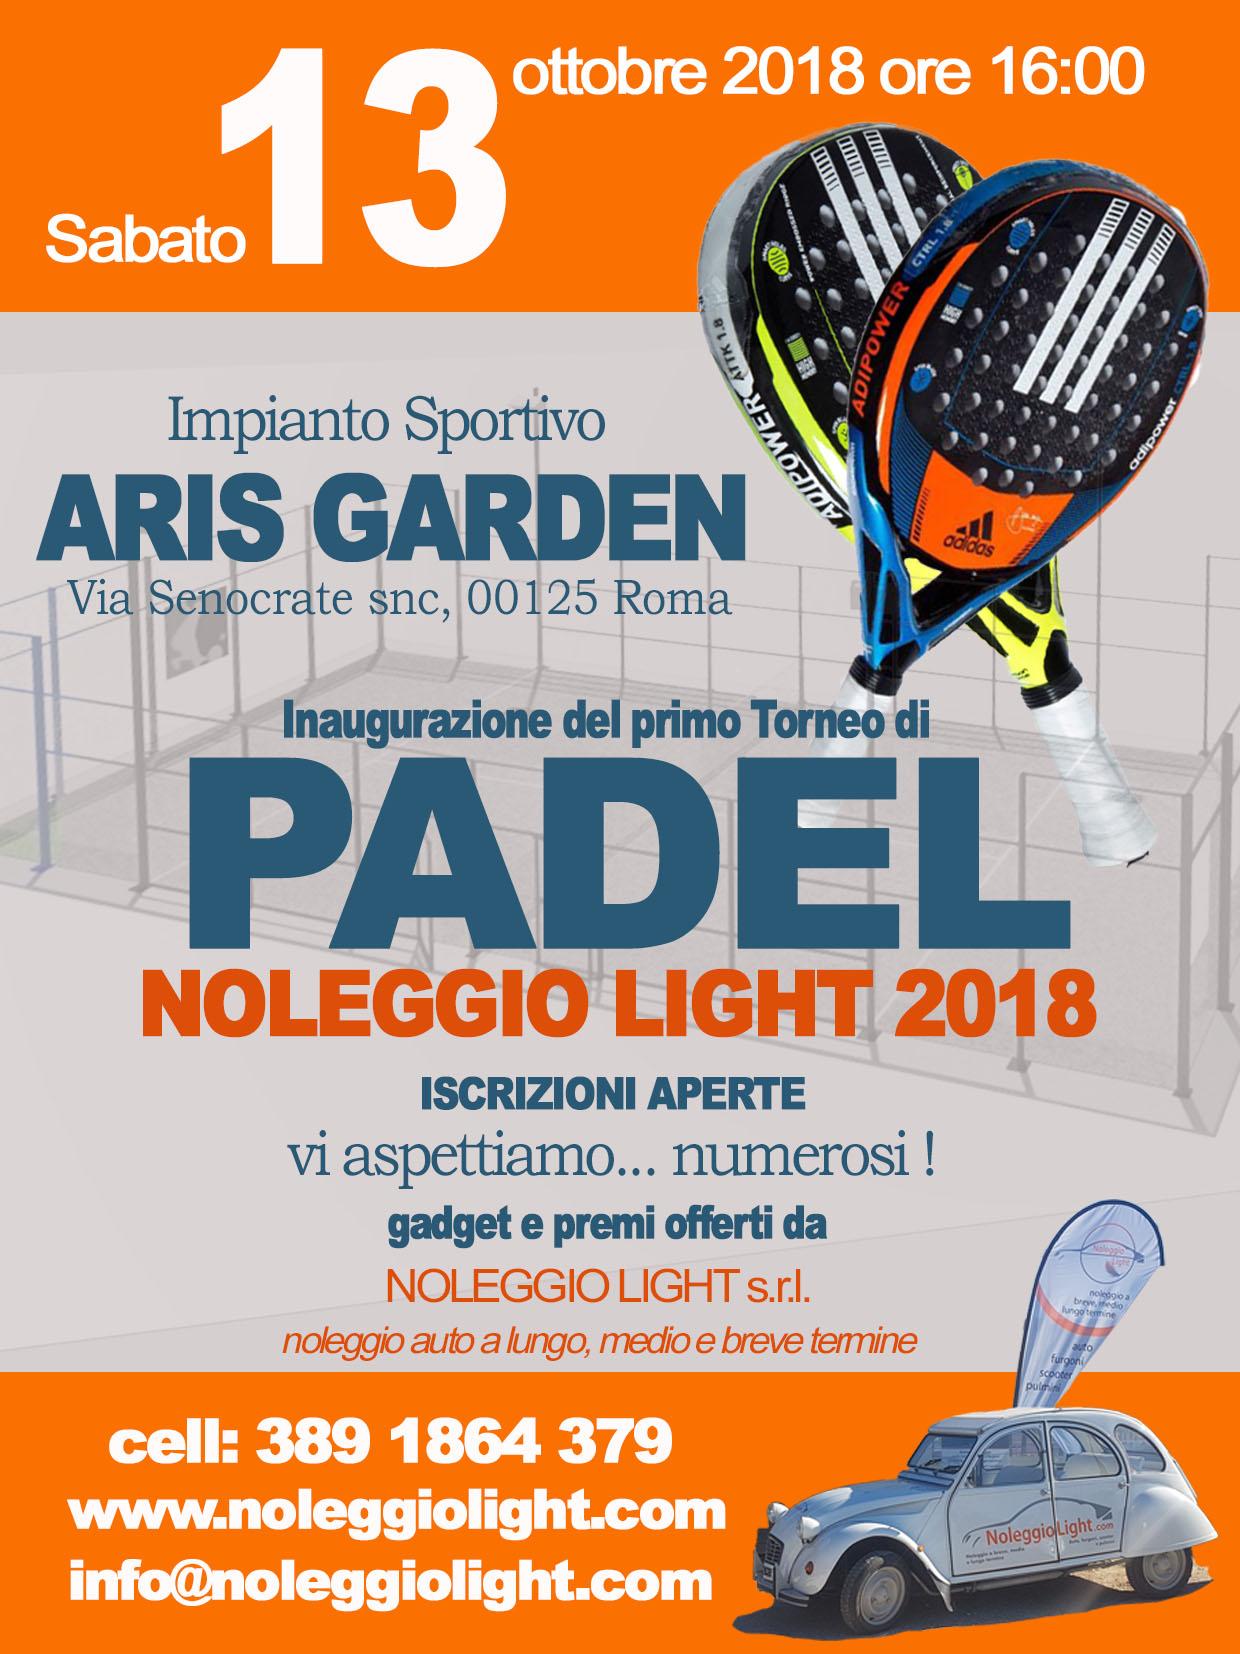 Aris Paddle 13-10-18 1° Torneo